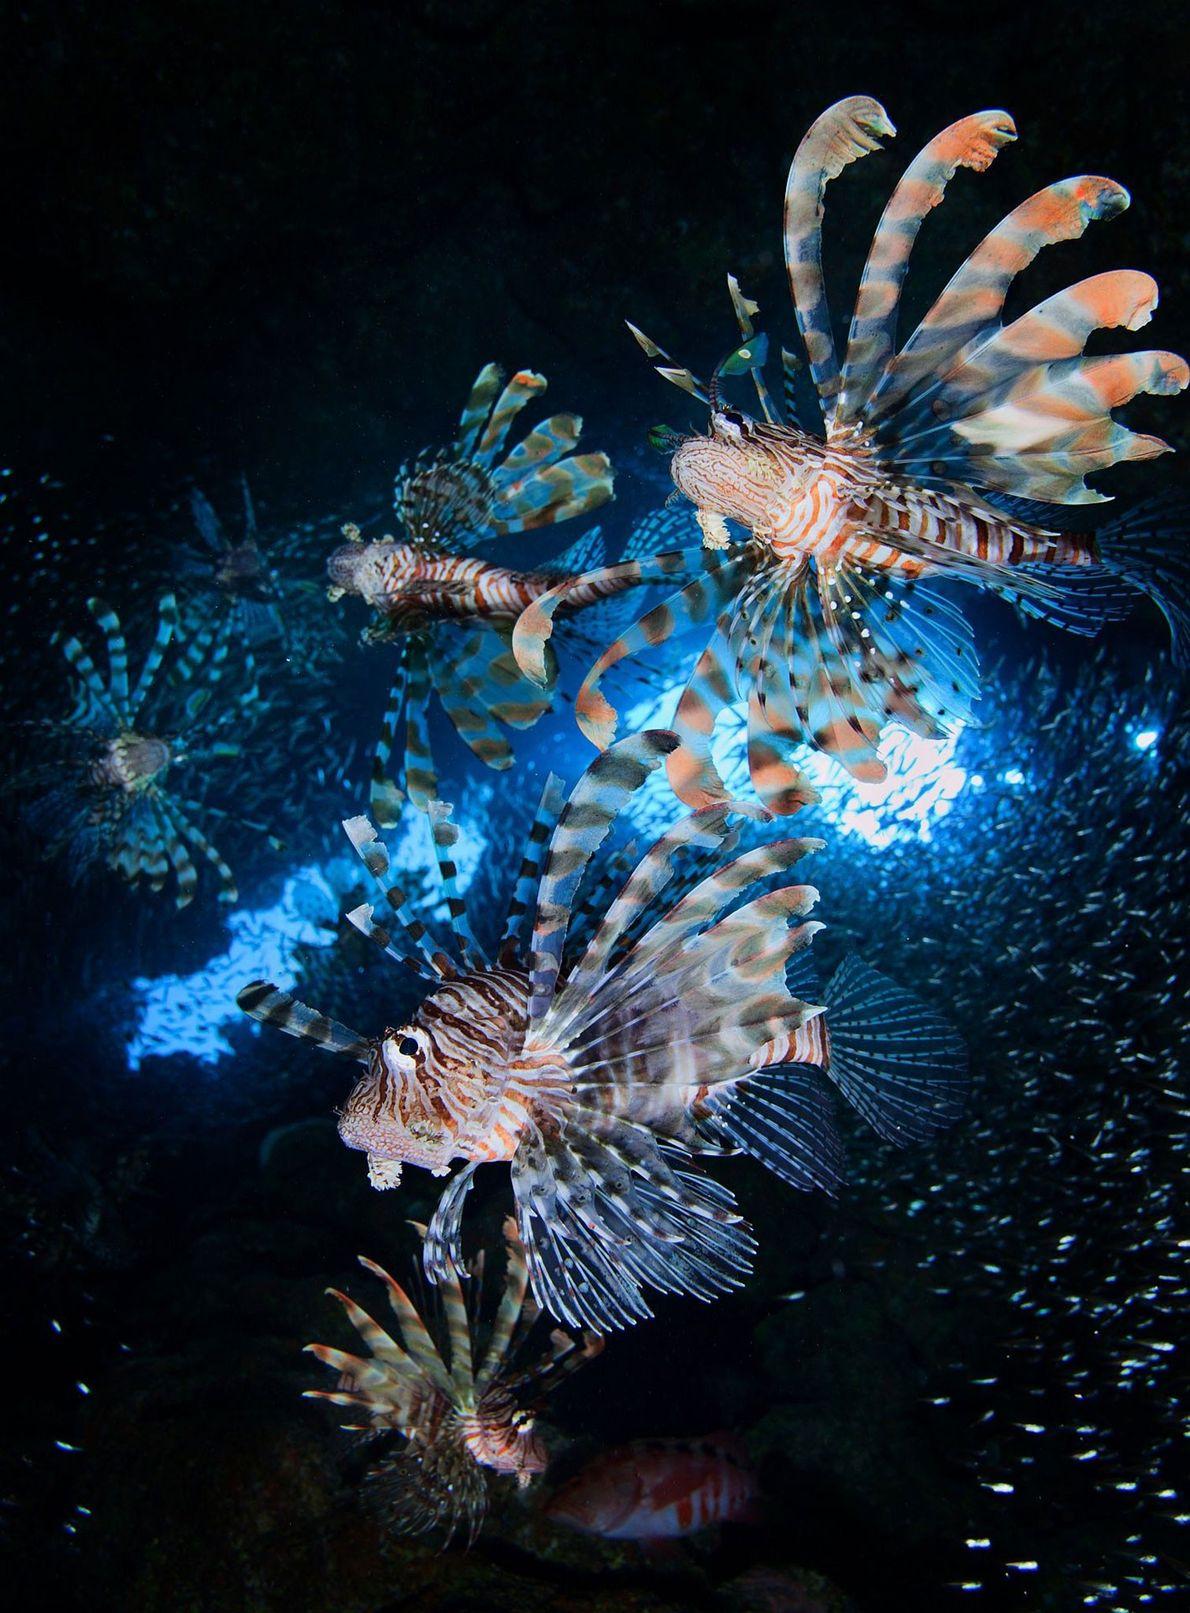 Lion fish. Dhahab, Muhafazat Janub Sina', Egypt